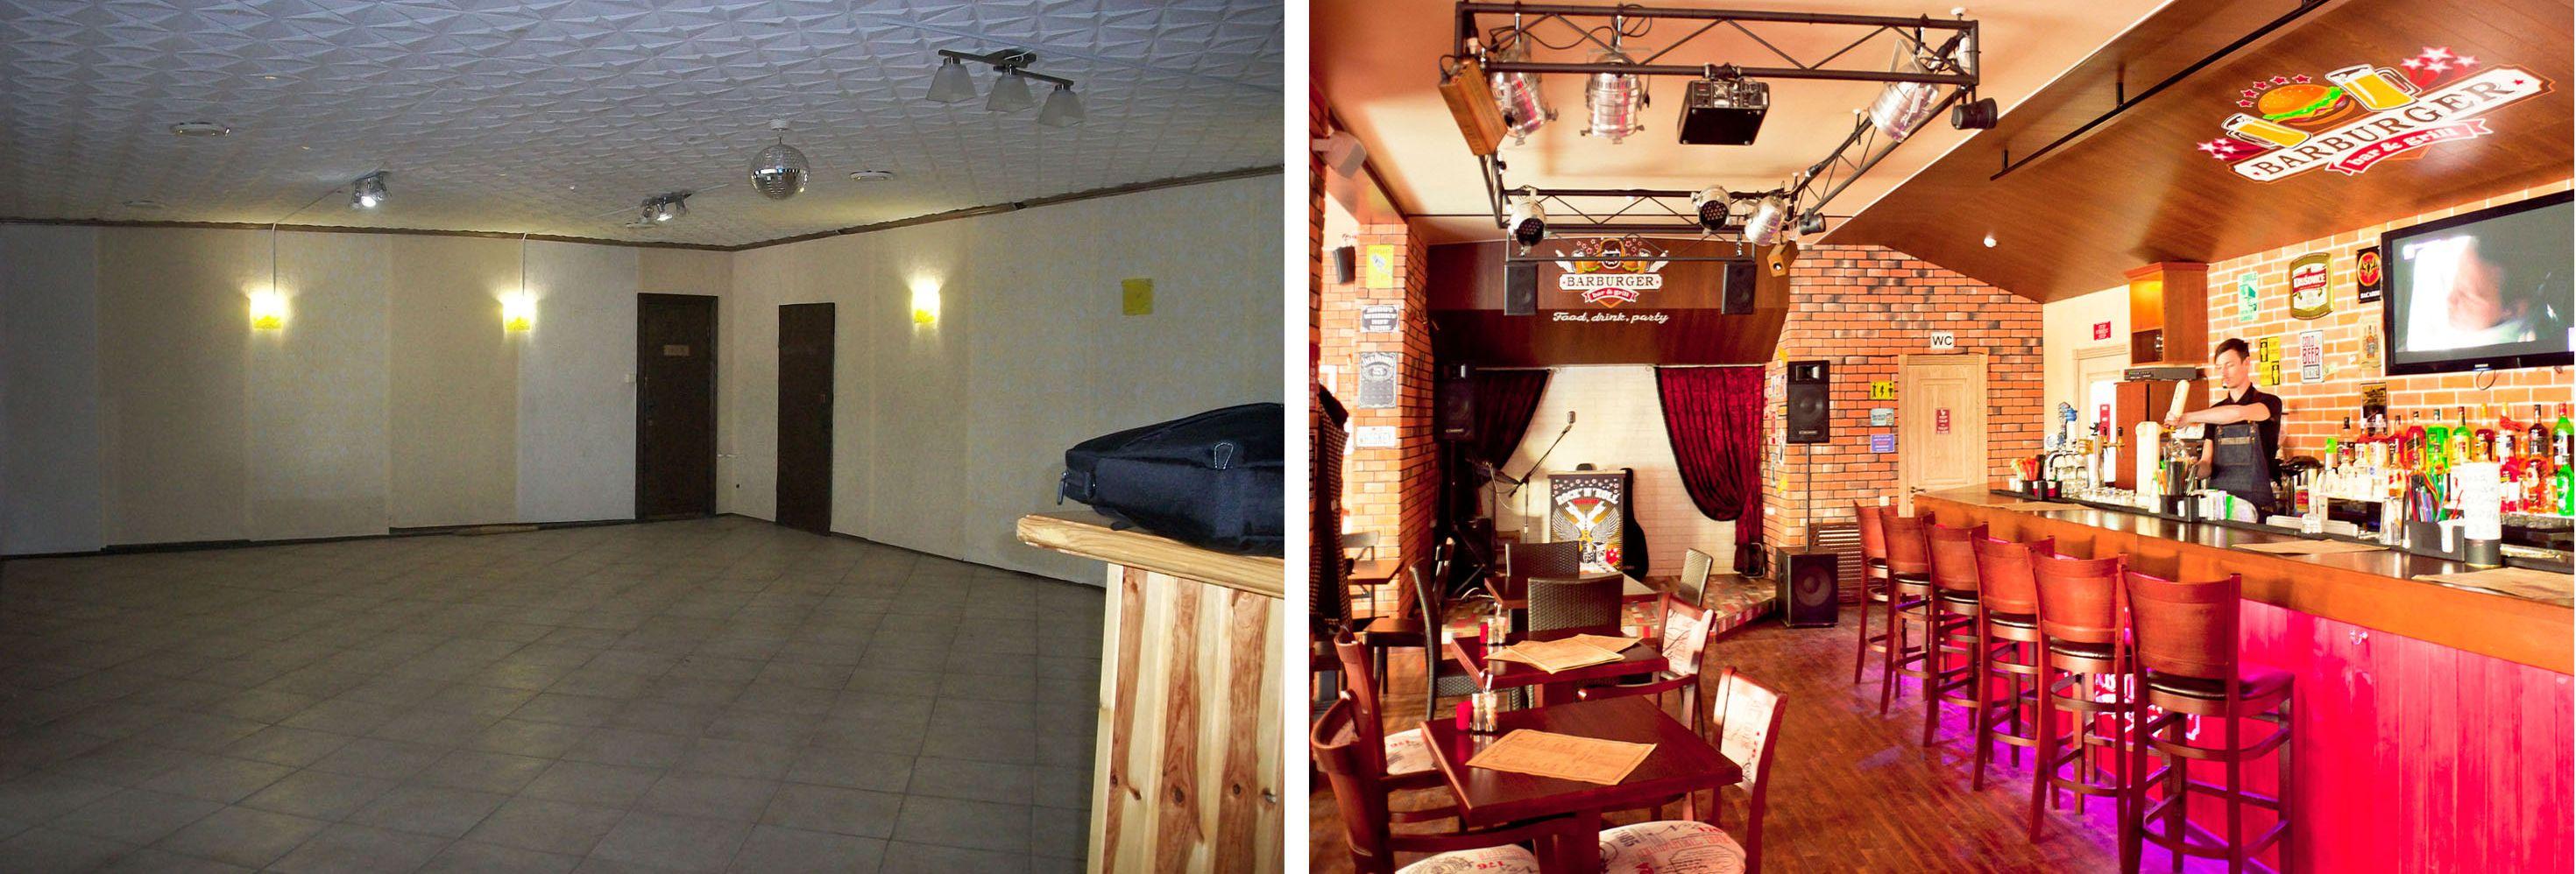 Дизайн интерьера в Барбургер До и После